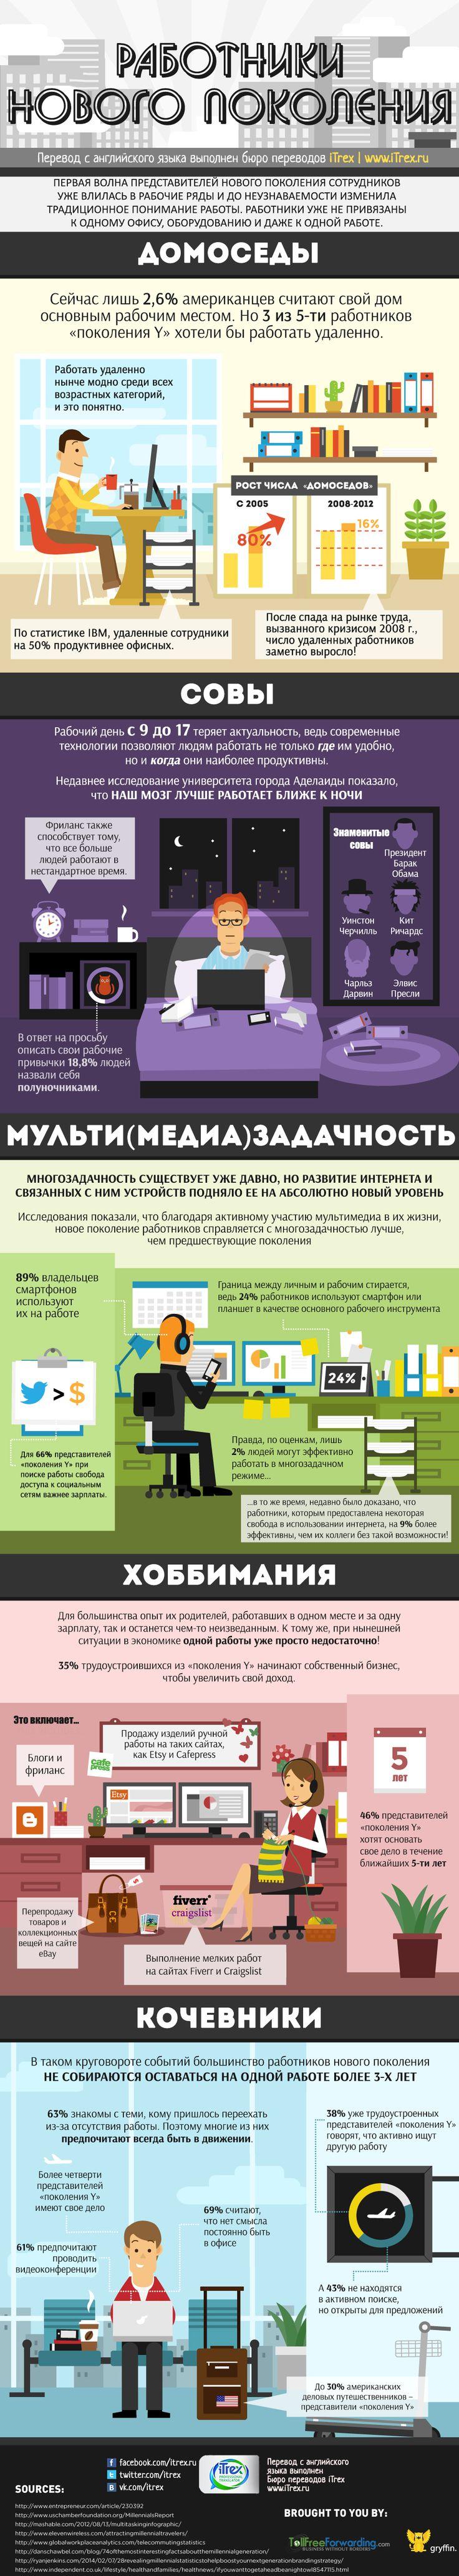 Перевод сделан в Бюро переводов iTrex, Москва: Работники нового поколения